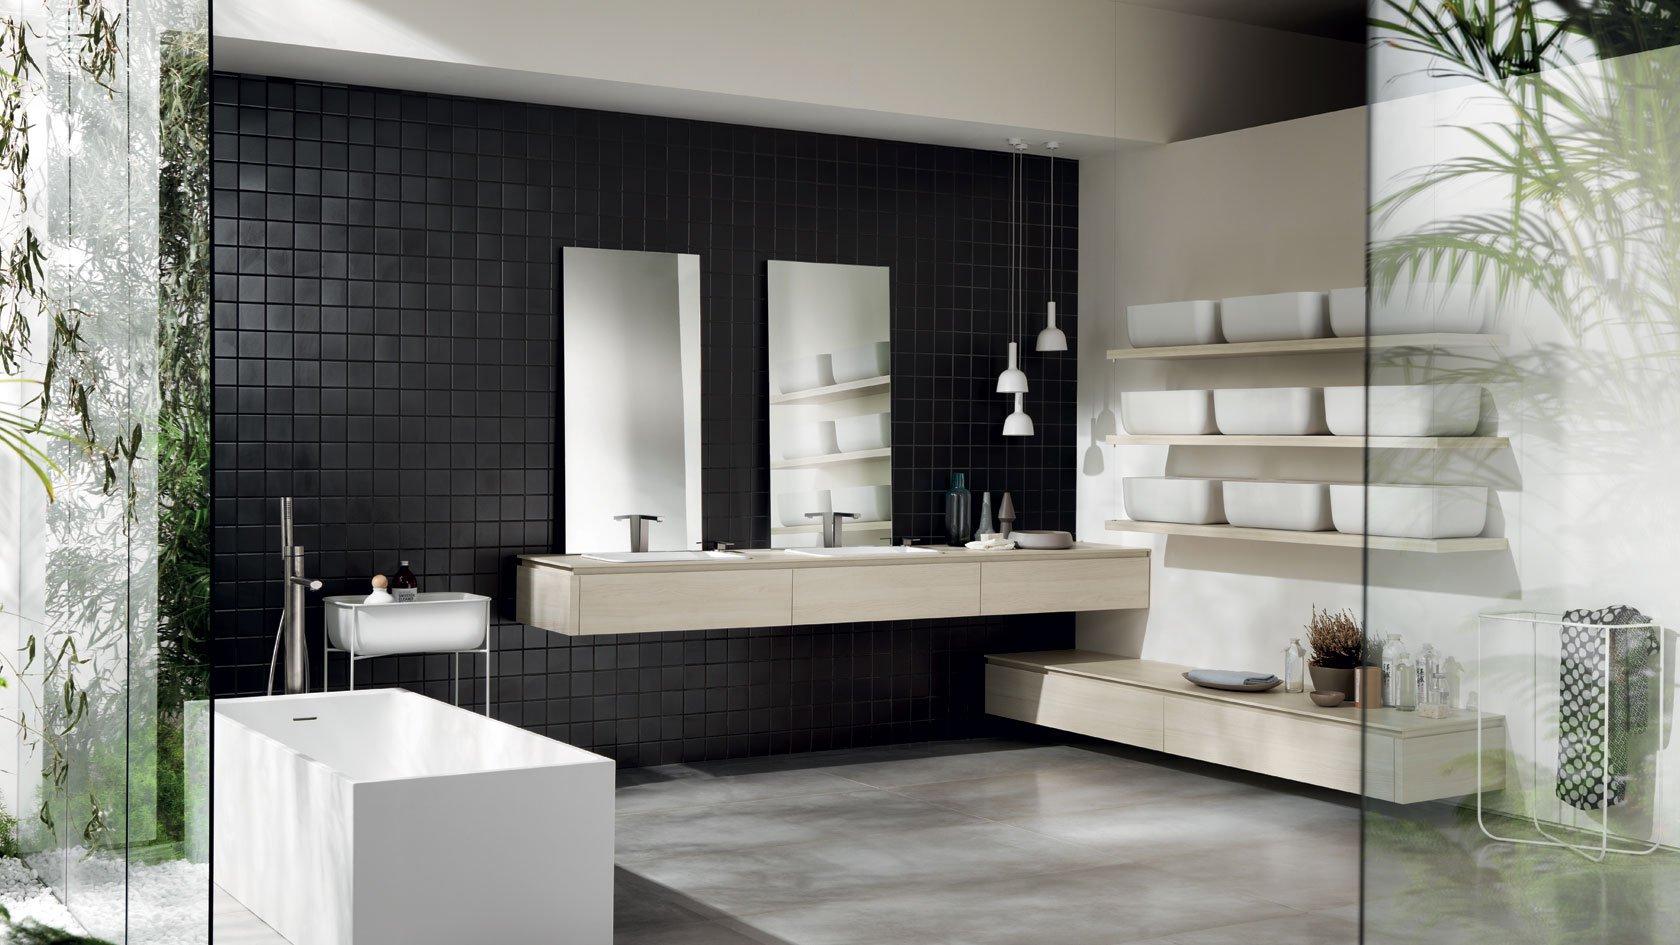 Arredo Bagno Compatto : Arredo e mobili per il bagno bellizzi sa montella prisma arredo